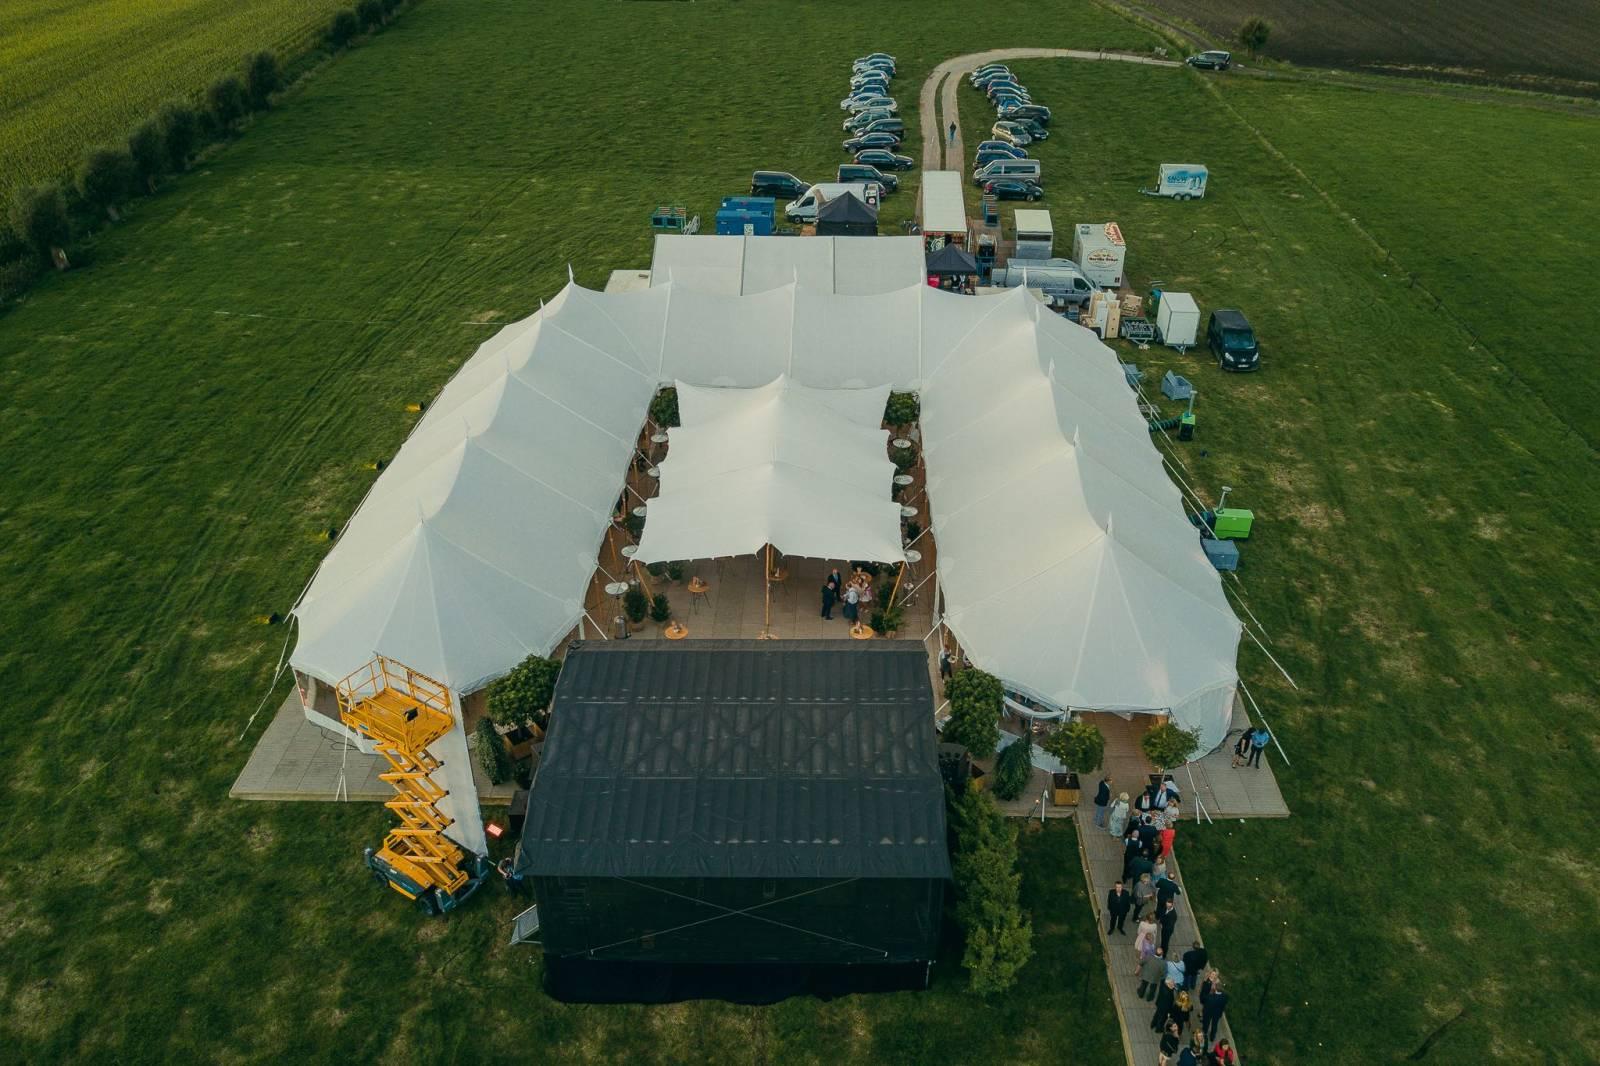 Altiro Tenten - Wedding Tent - Feesttent - Huwelijk trouw bruiloft - House of Weddings - 21